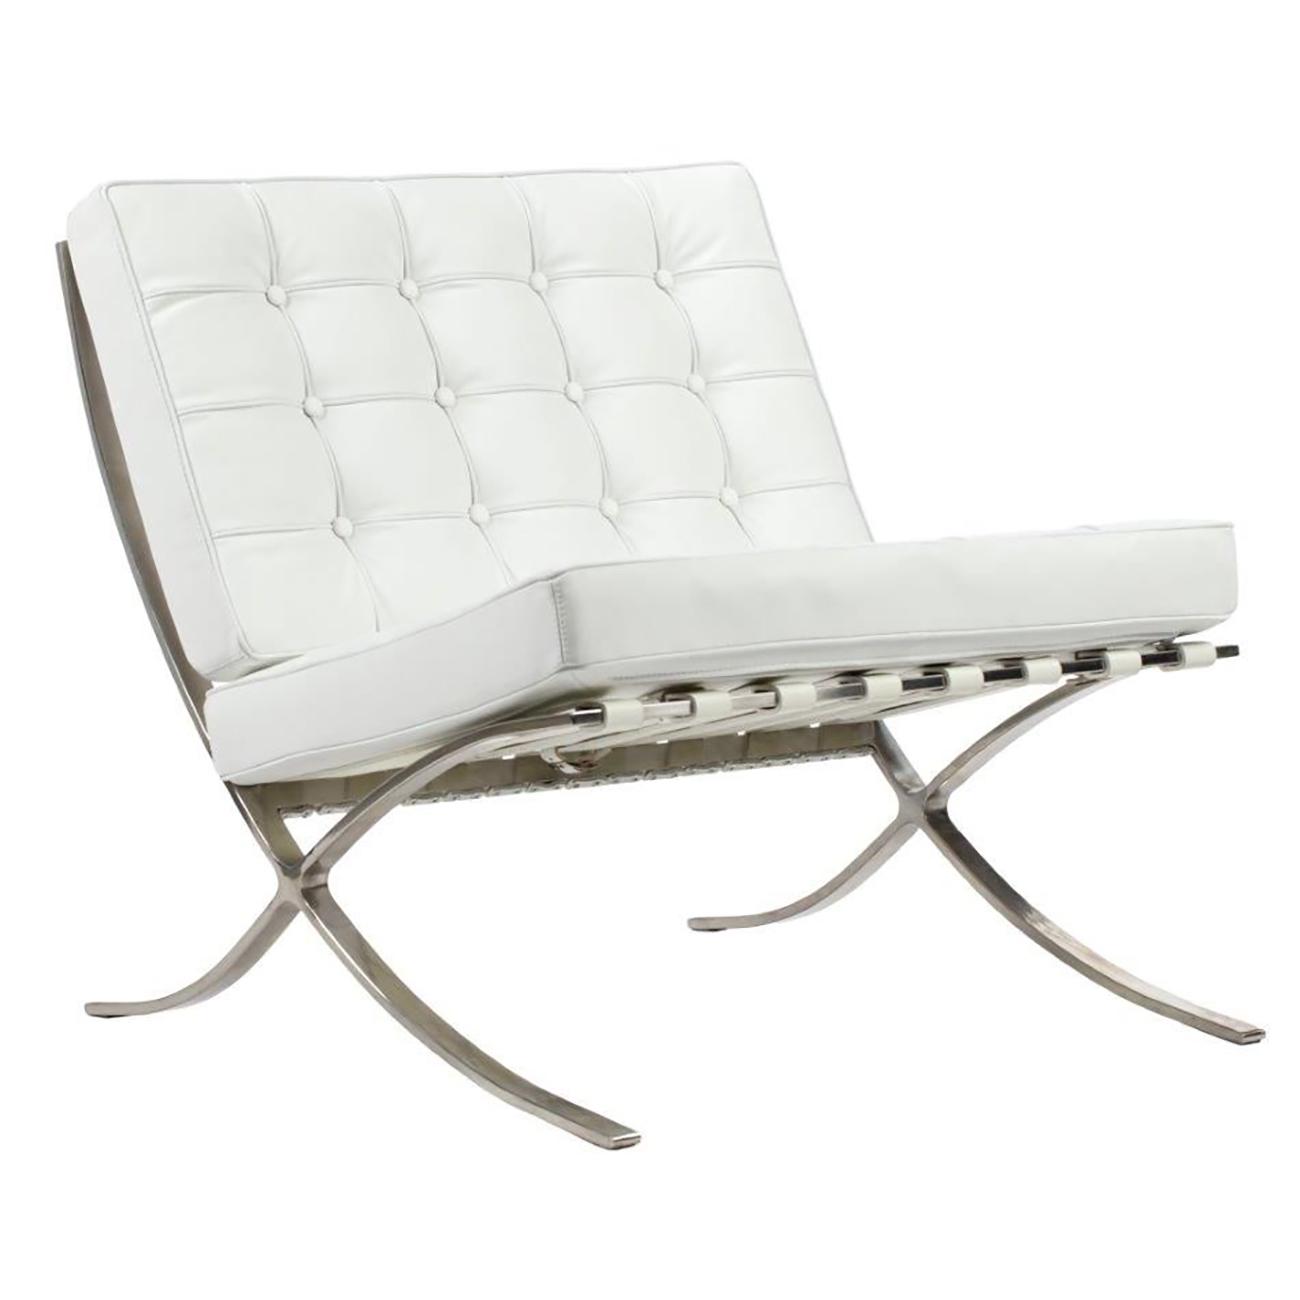 Купить Детское кресло Barcelona Chair Белая Экокожа в интернет магазине дизайнерской мебели и аксессуаров для дома и дачи